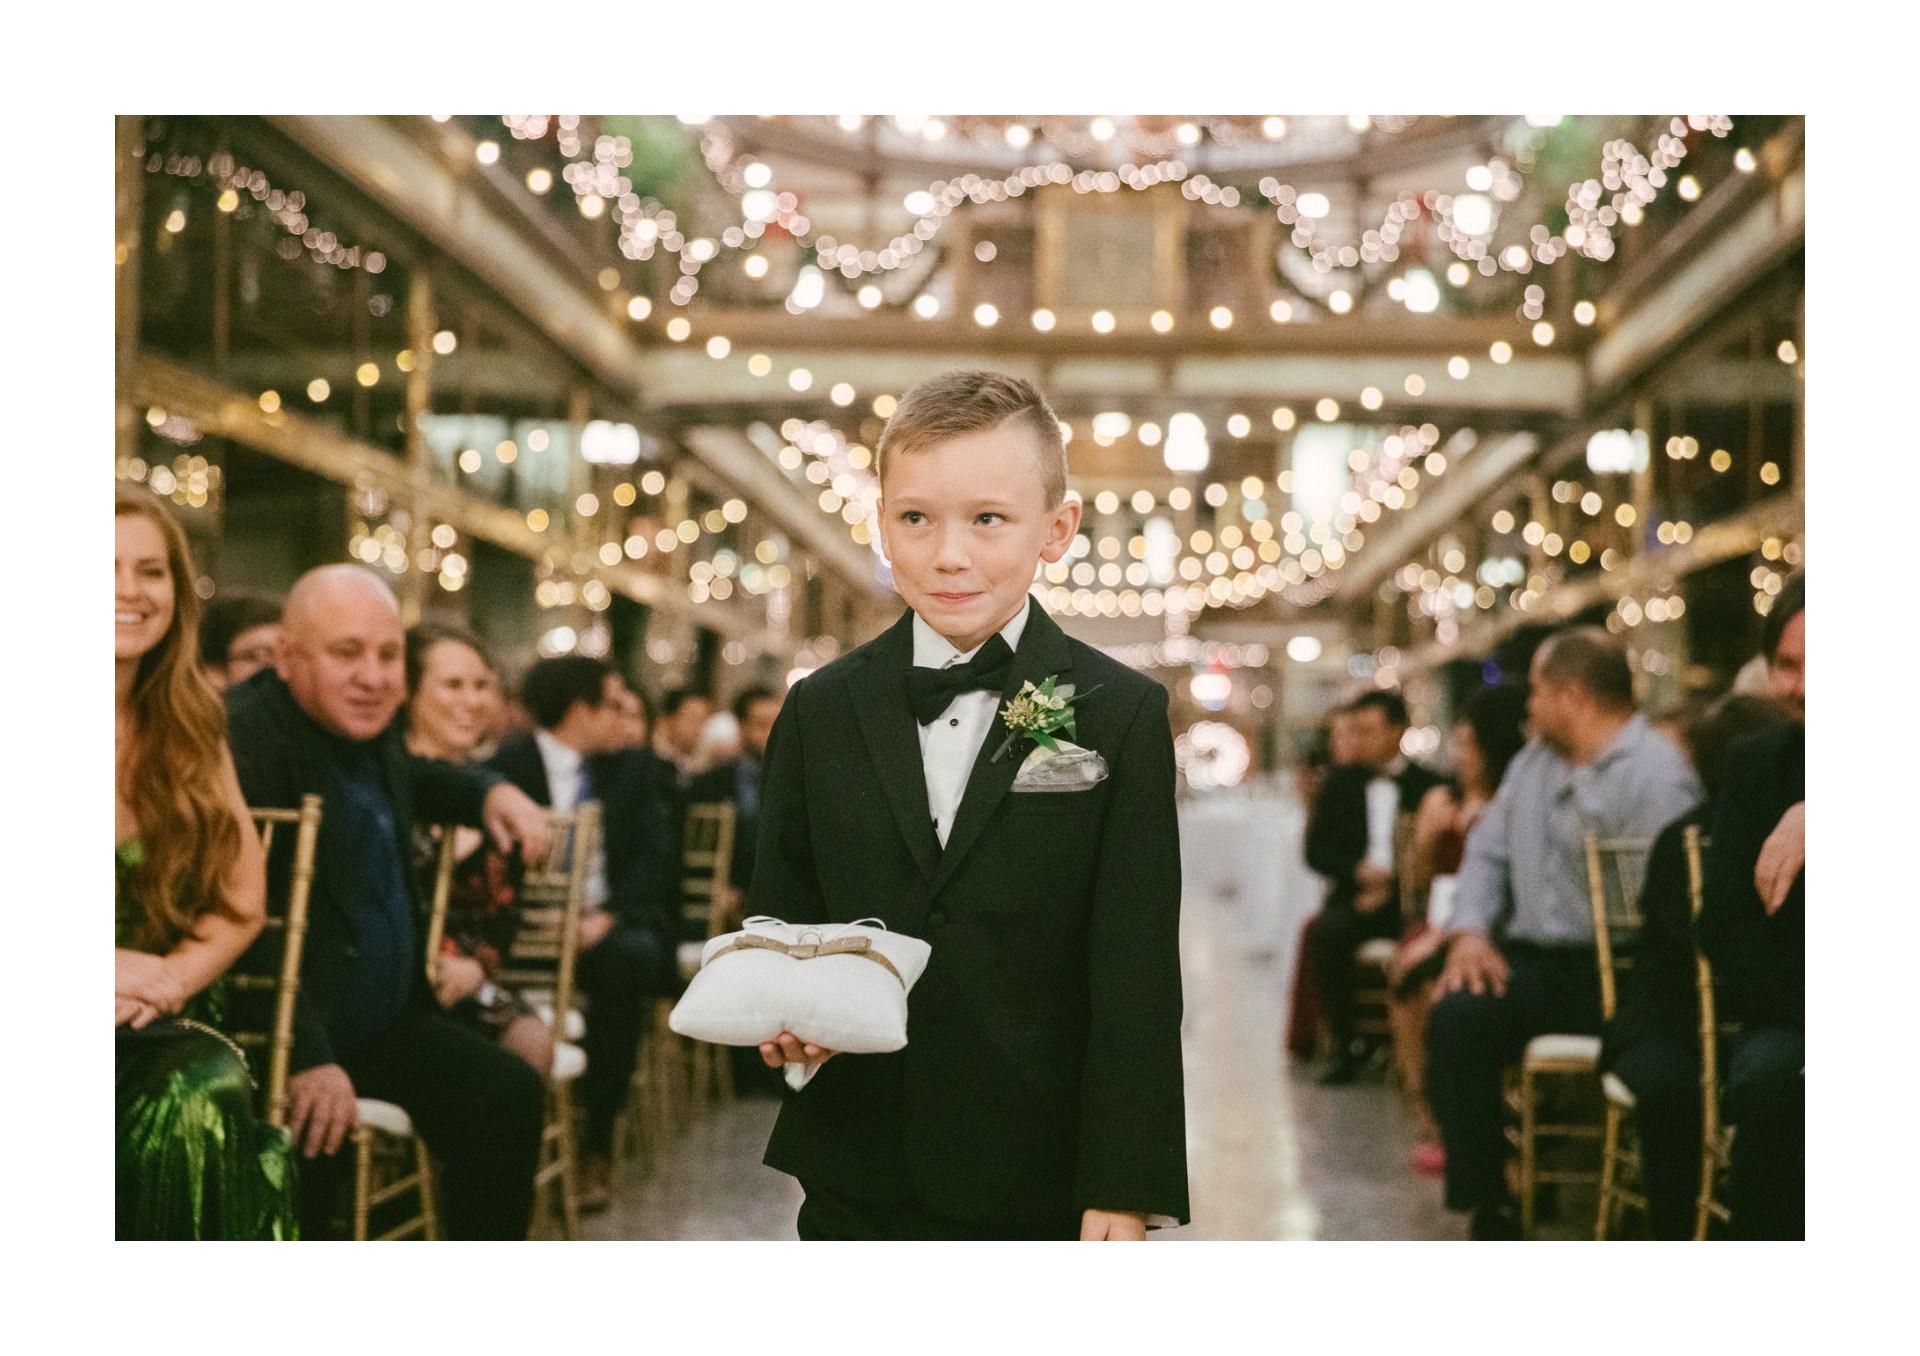 Hyatt Old Arcade Wedding Photographer in Cleveland 1 46.jpg